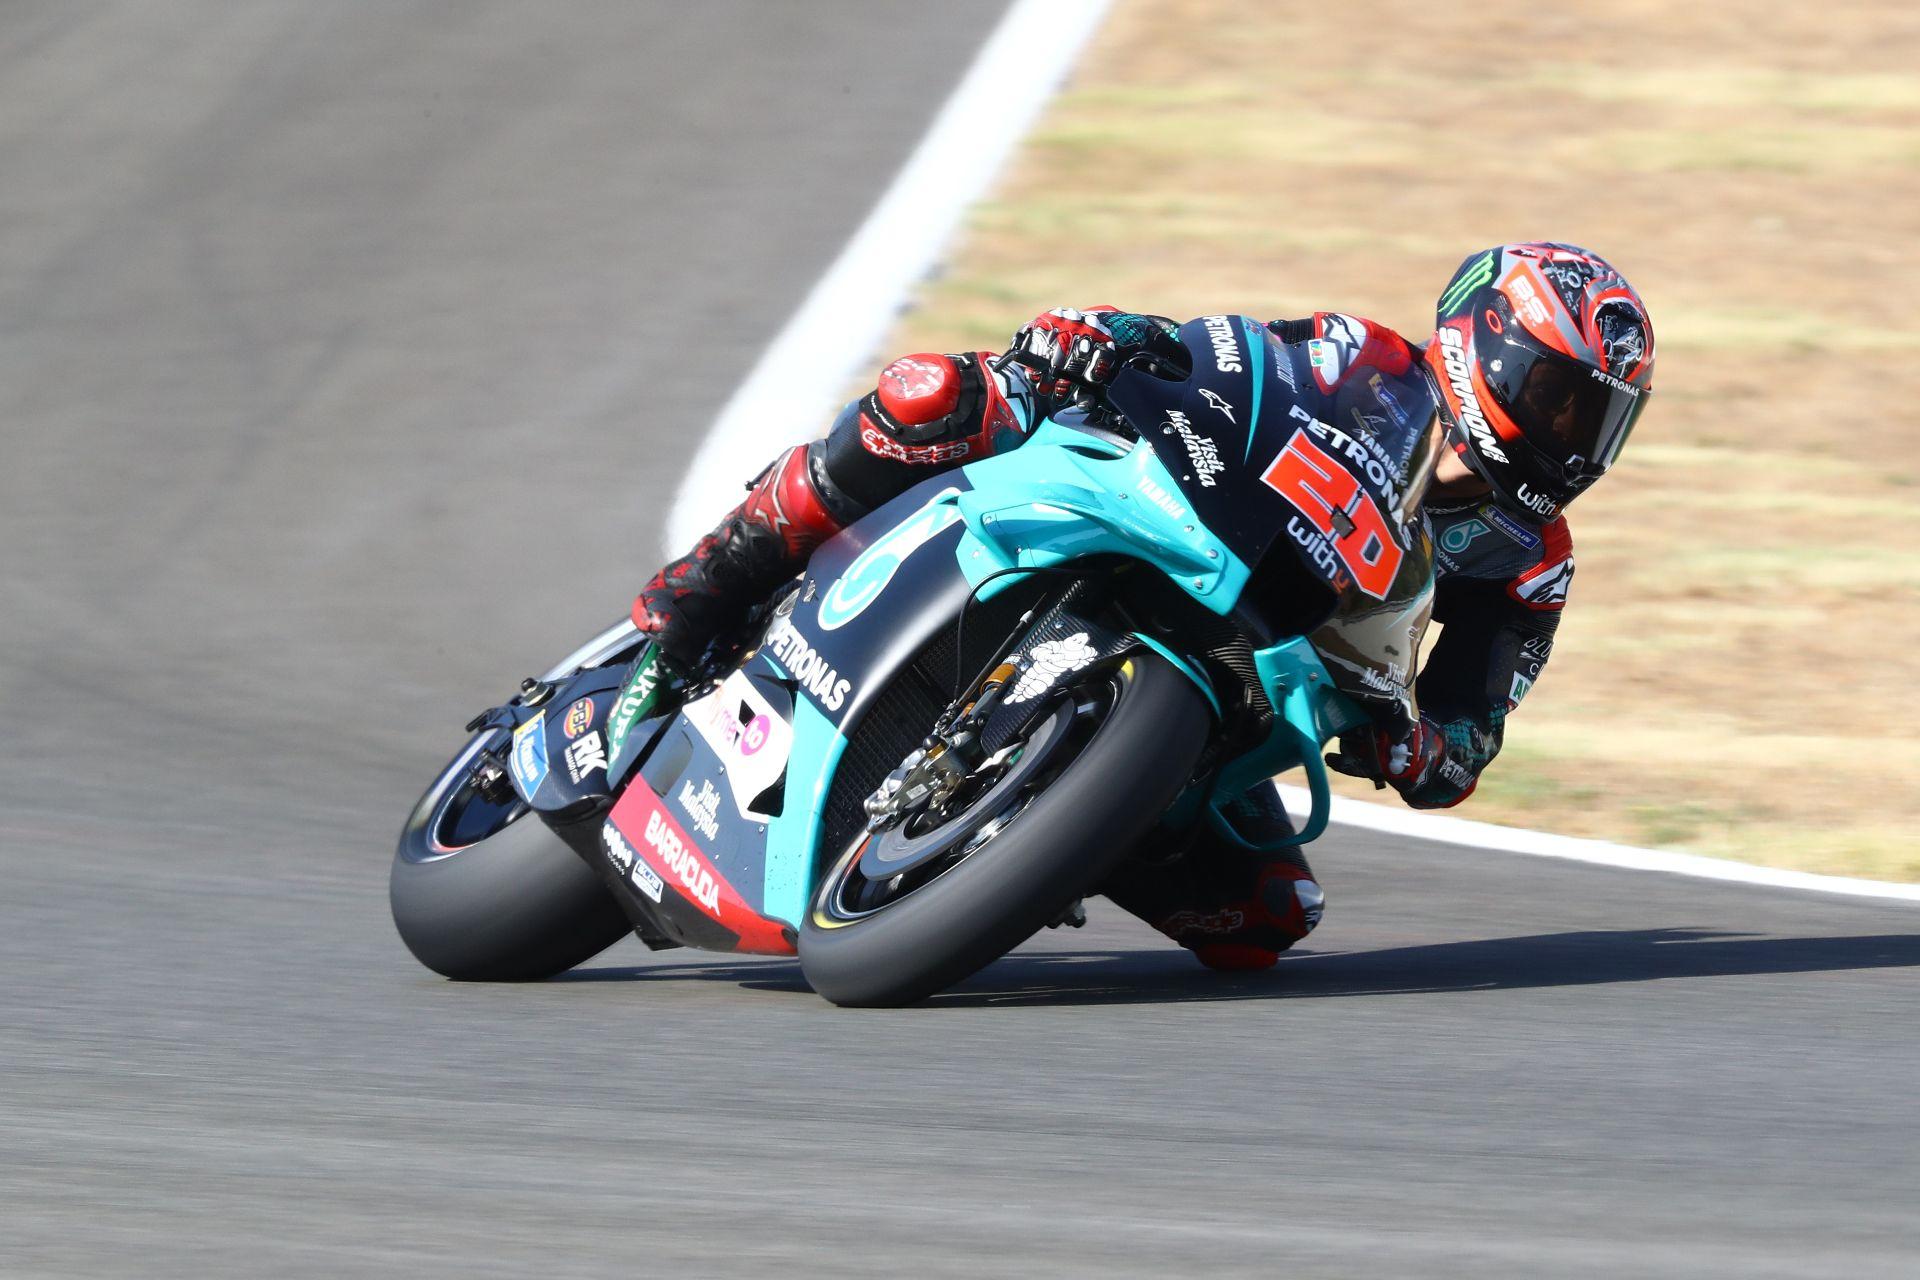 Fabio Quartararo gana por primera vez en MotoGP en la exhibición fallida de Marc Márquez